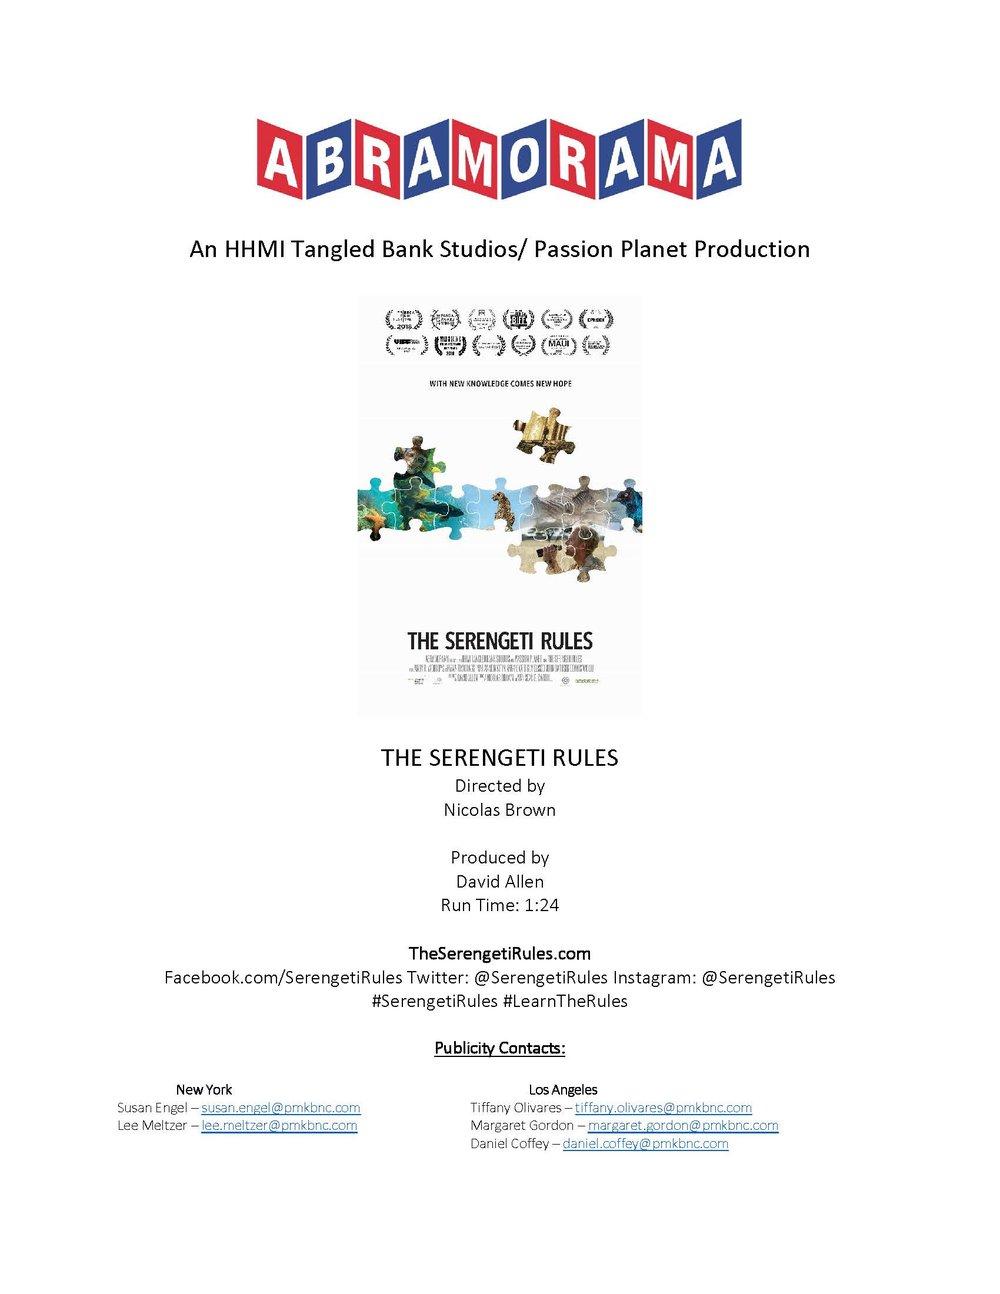 PRESS KIT - 730K PDF